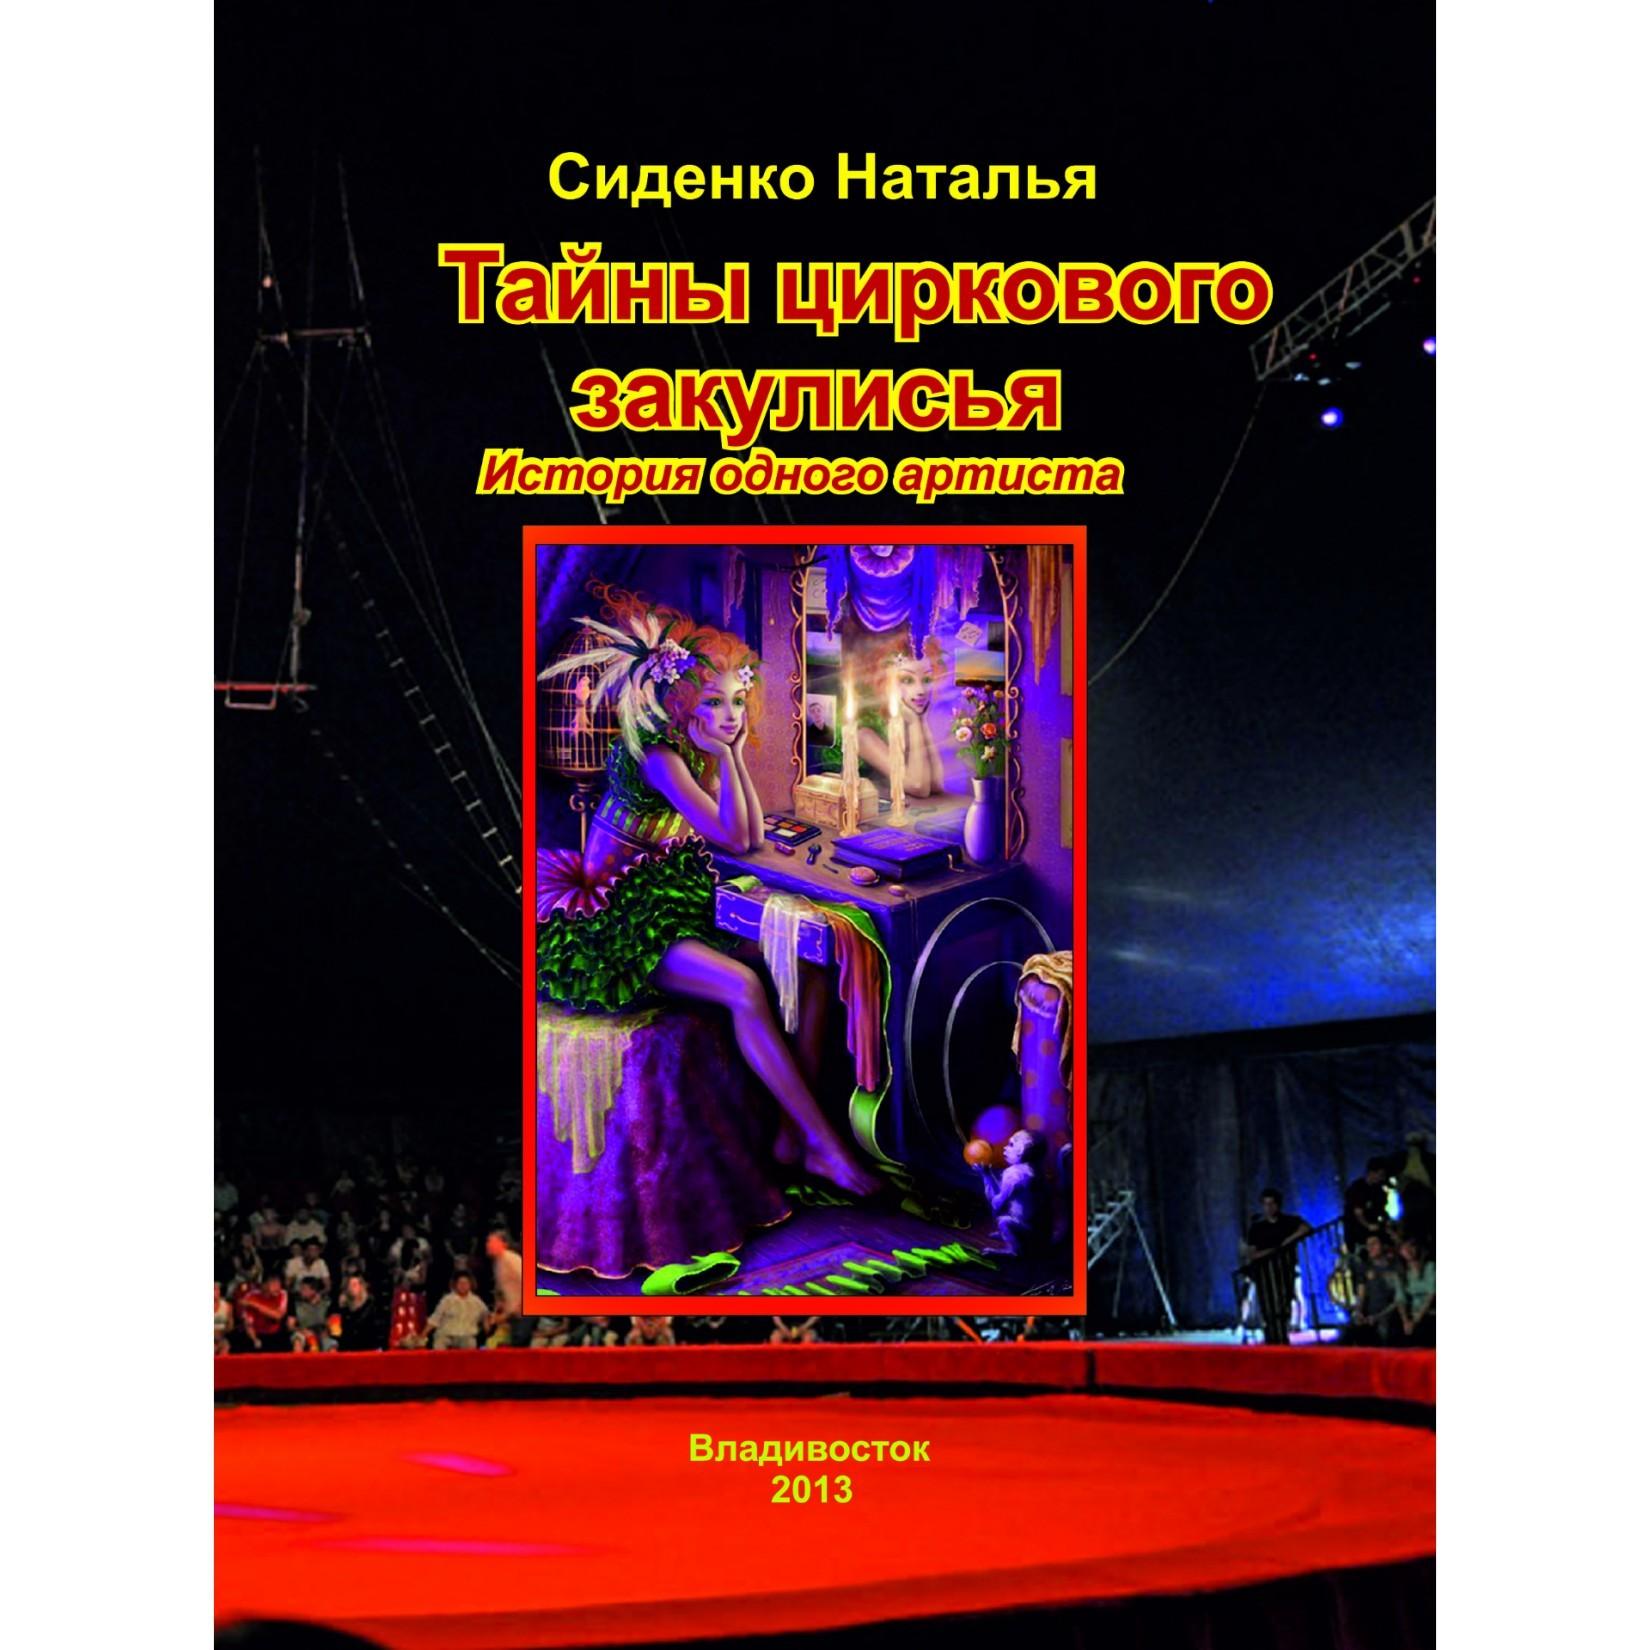 Наталья Сиденко - Тайны циркового закулисья. История одного артиста